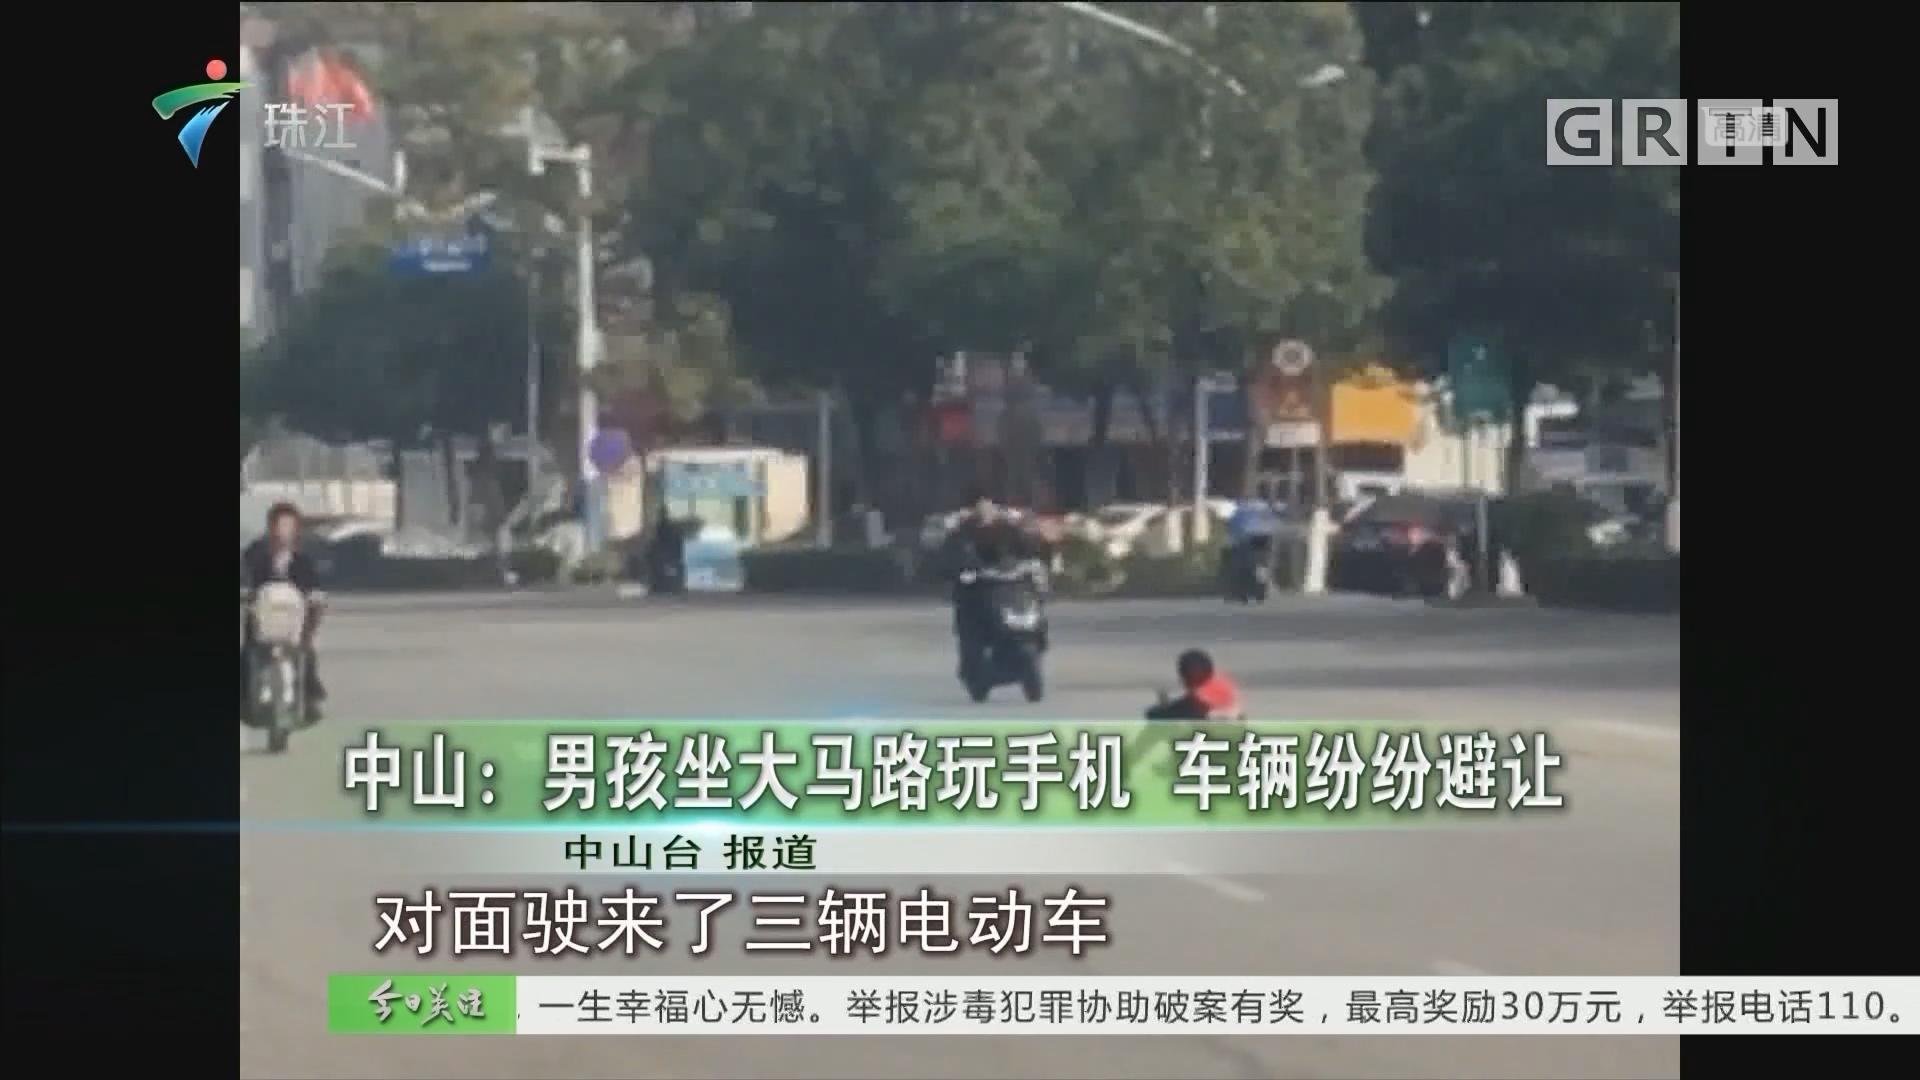 中山:男孩坐大马路玩手机 车辆纷纷避让